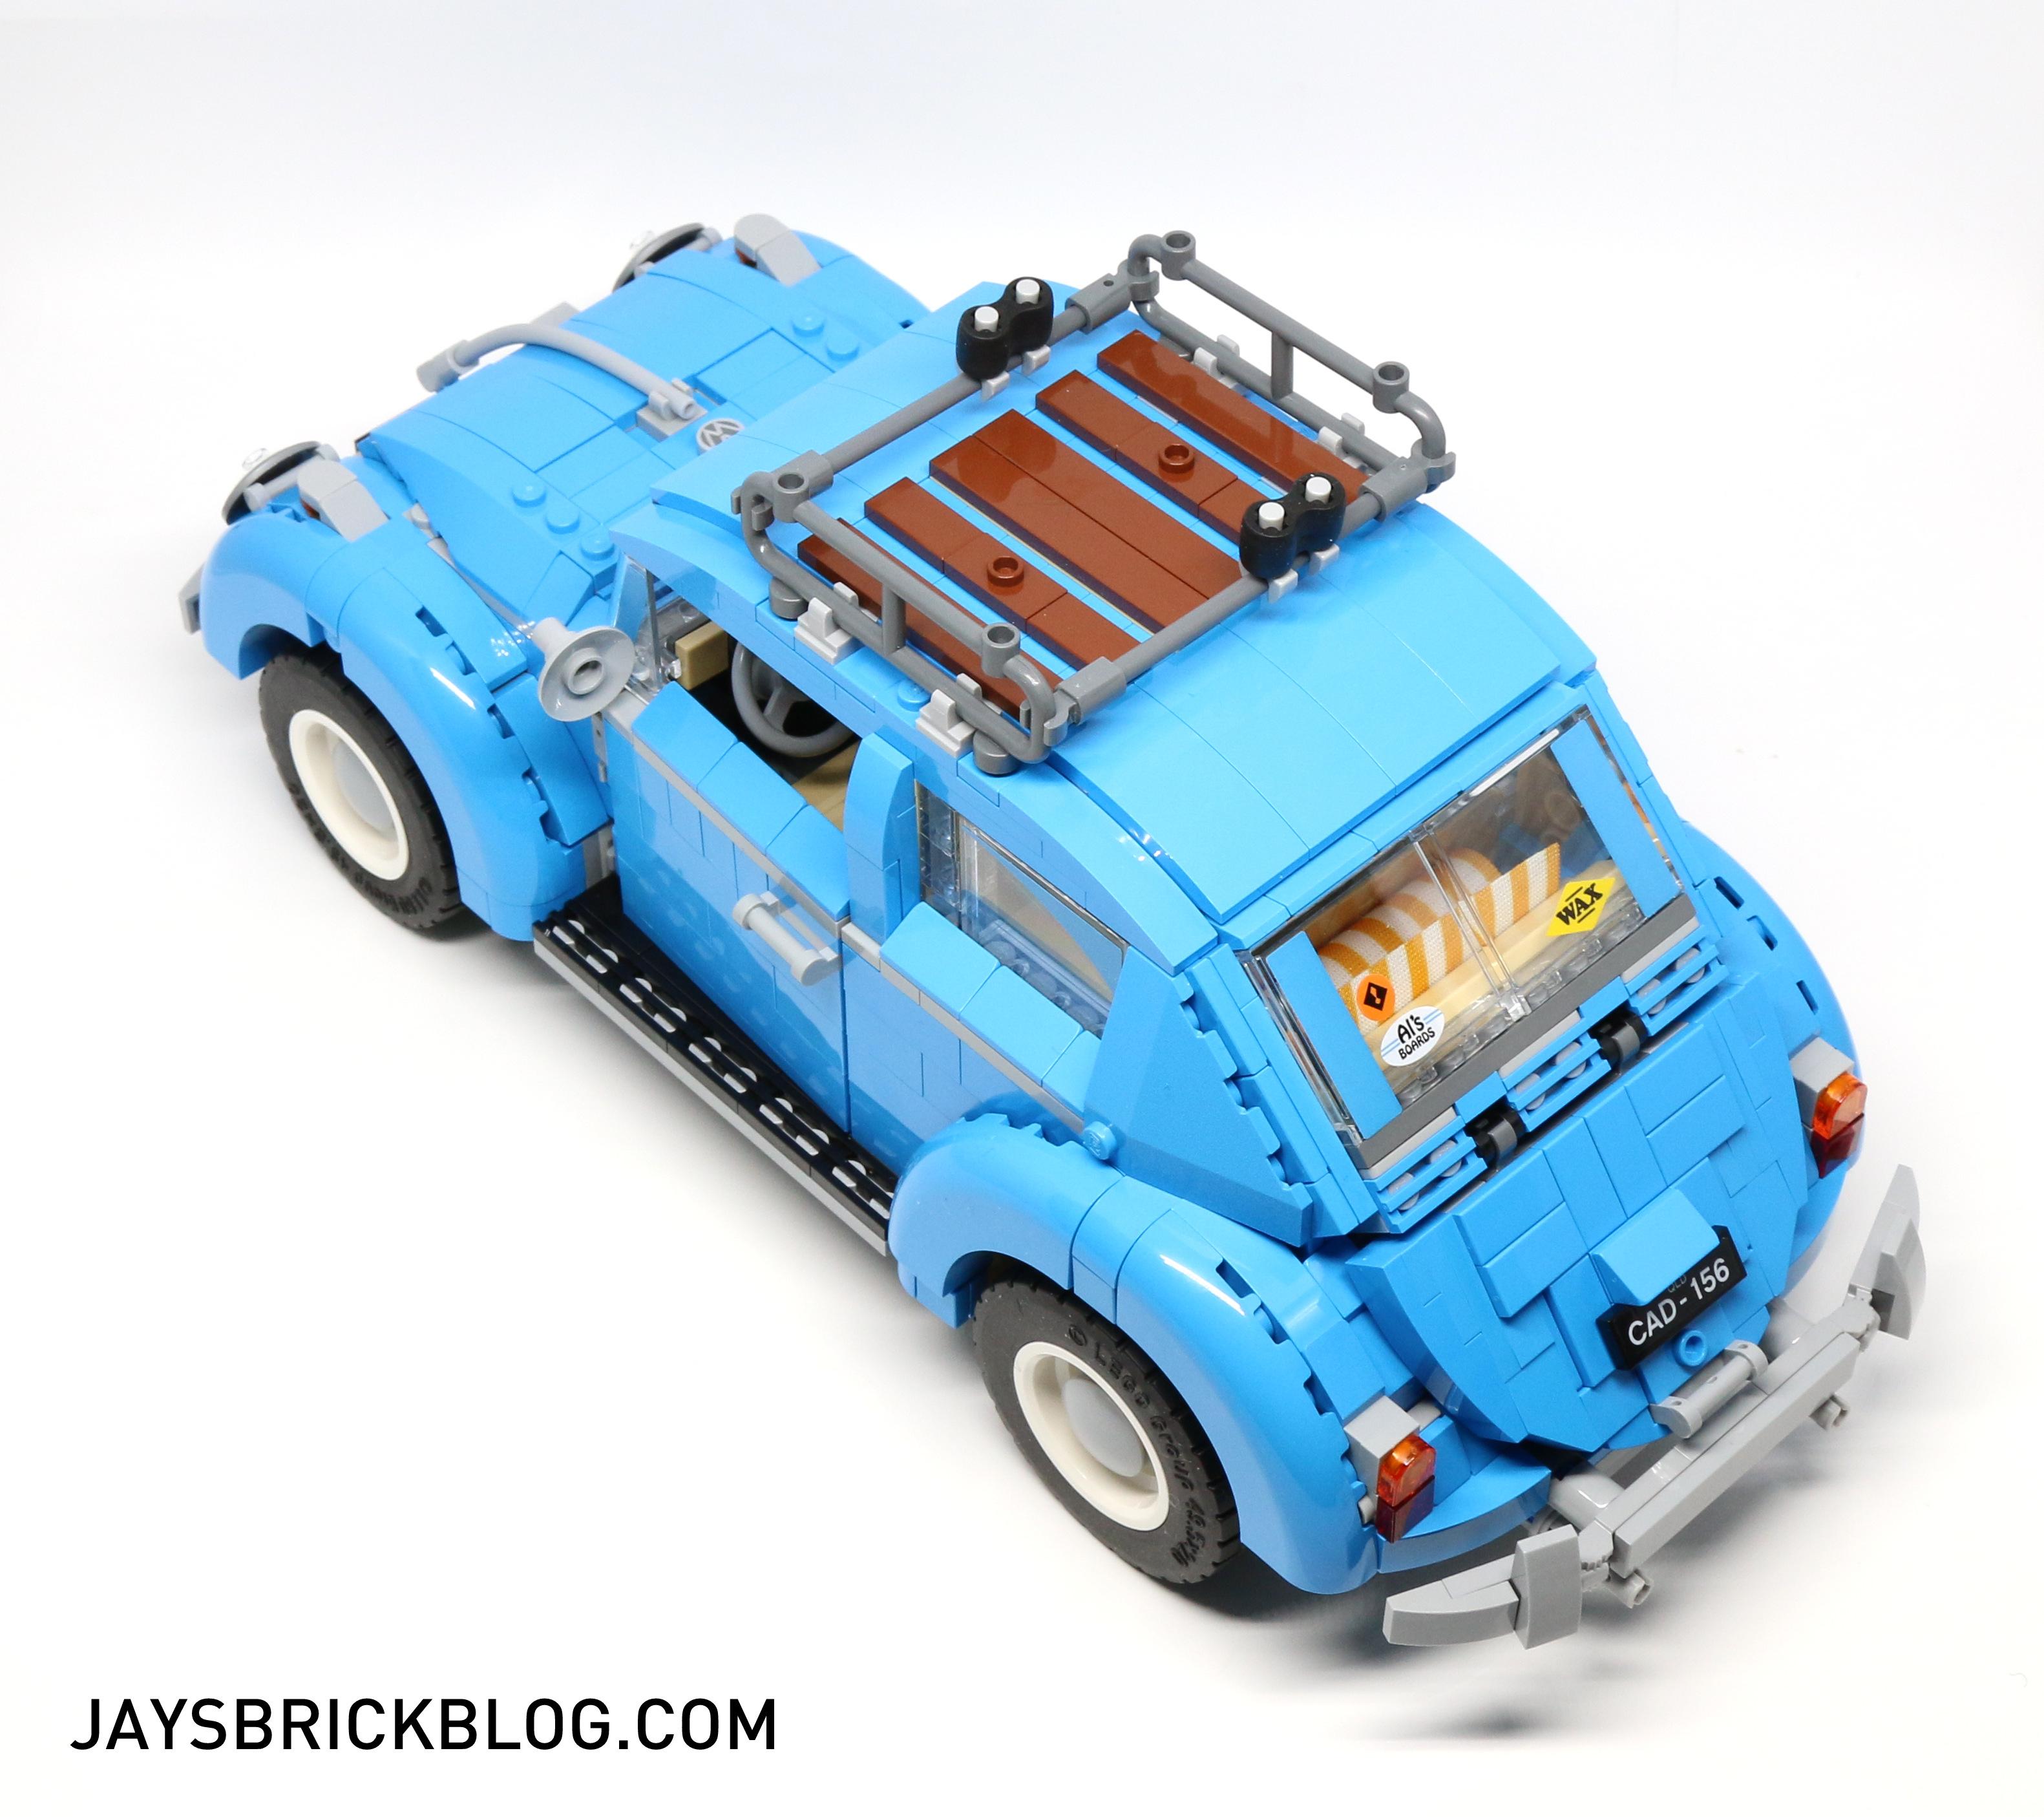 Lego 10252 Volkswagen Beetle Top View